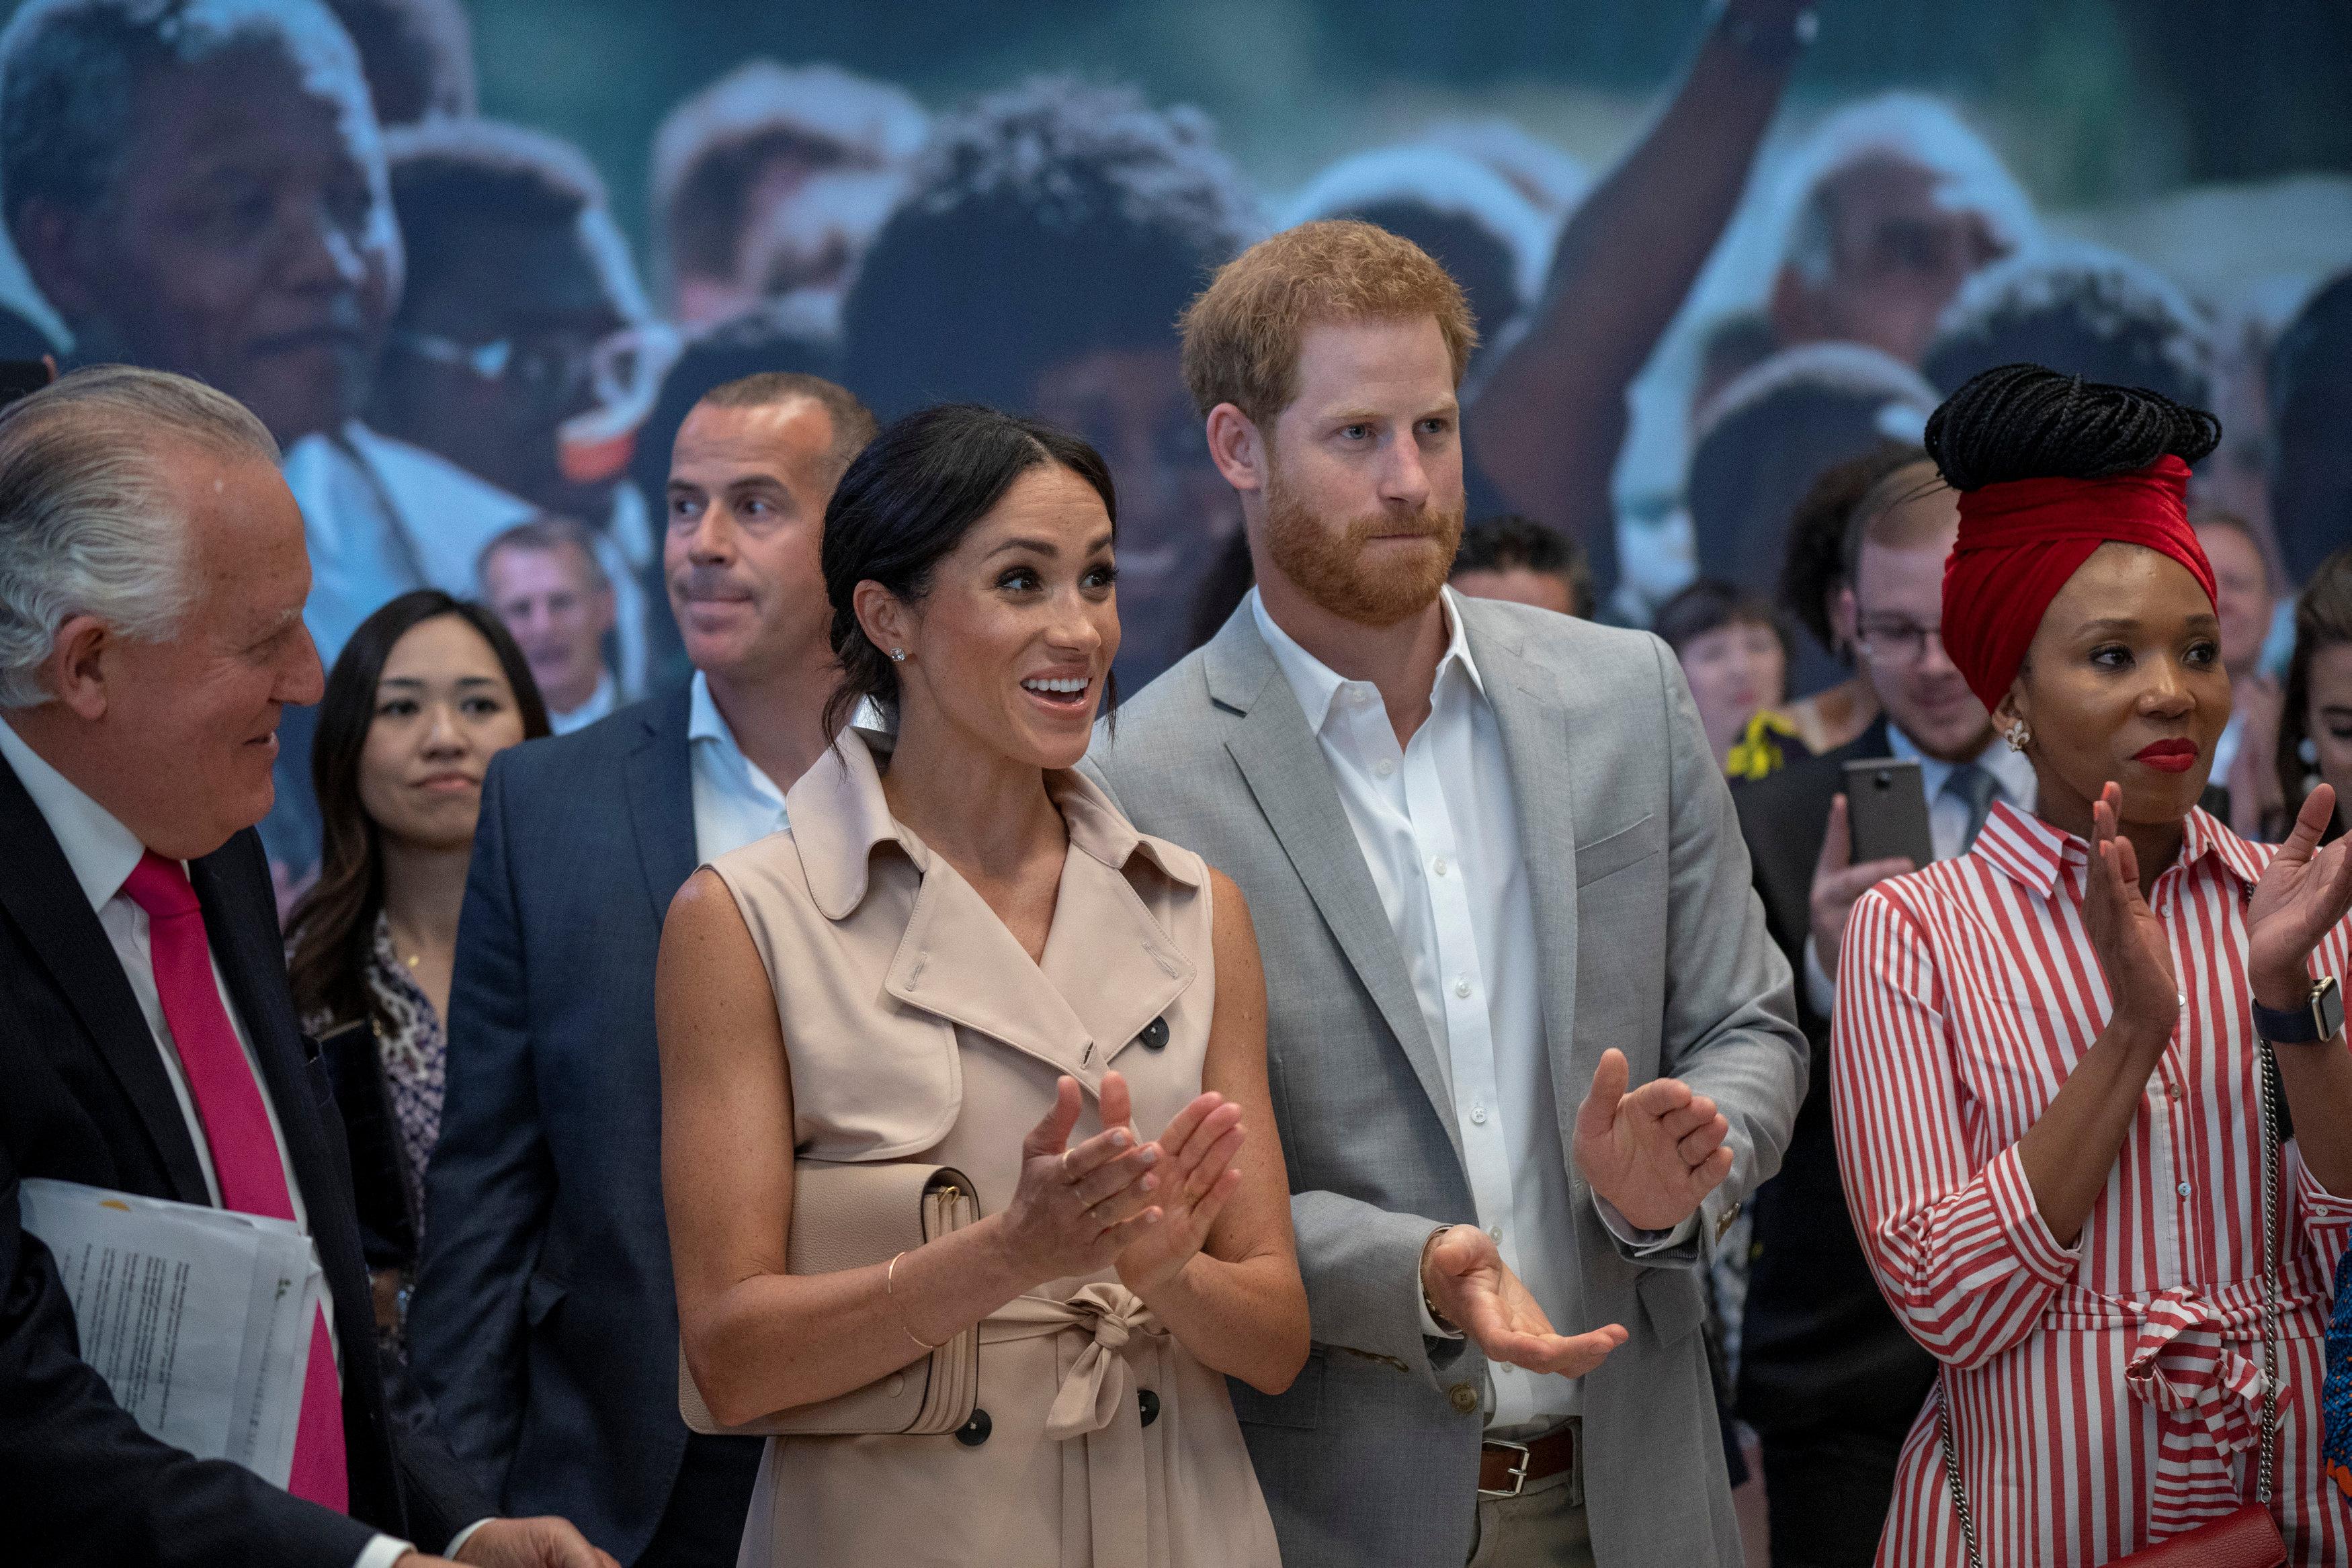 الأمير هارى وزوجته ميجان يزوران معرضا لنيلسون مانديلا فى لندن